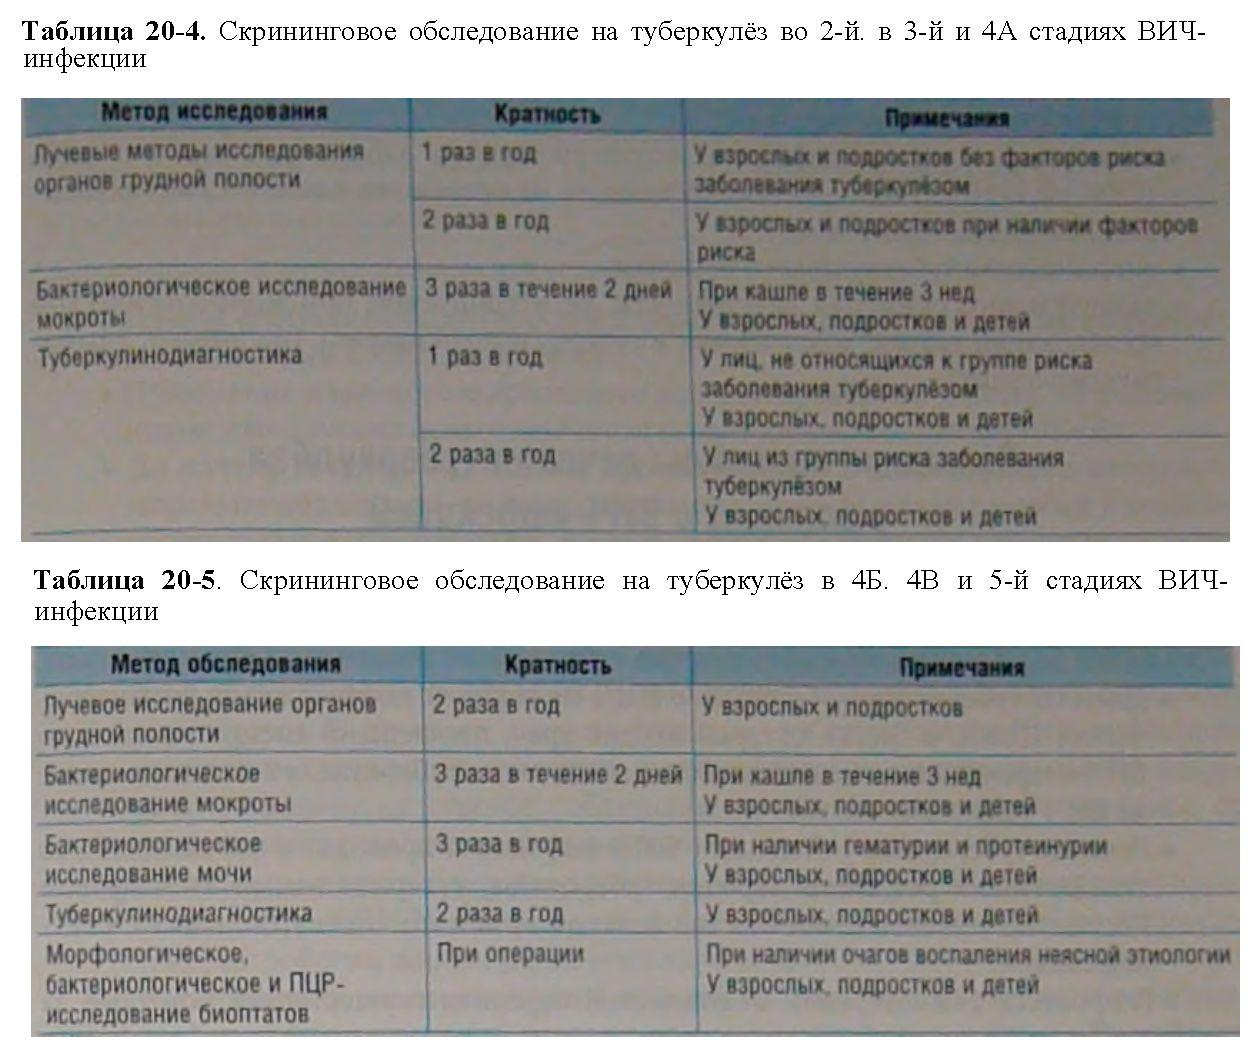 Анализ при беременности на туберкулез